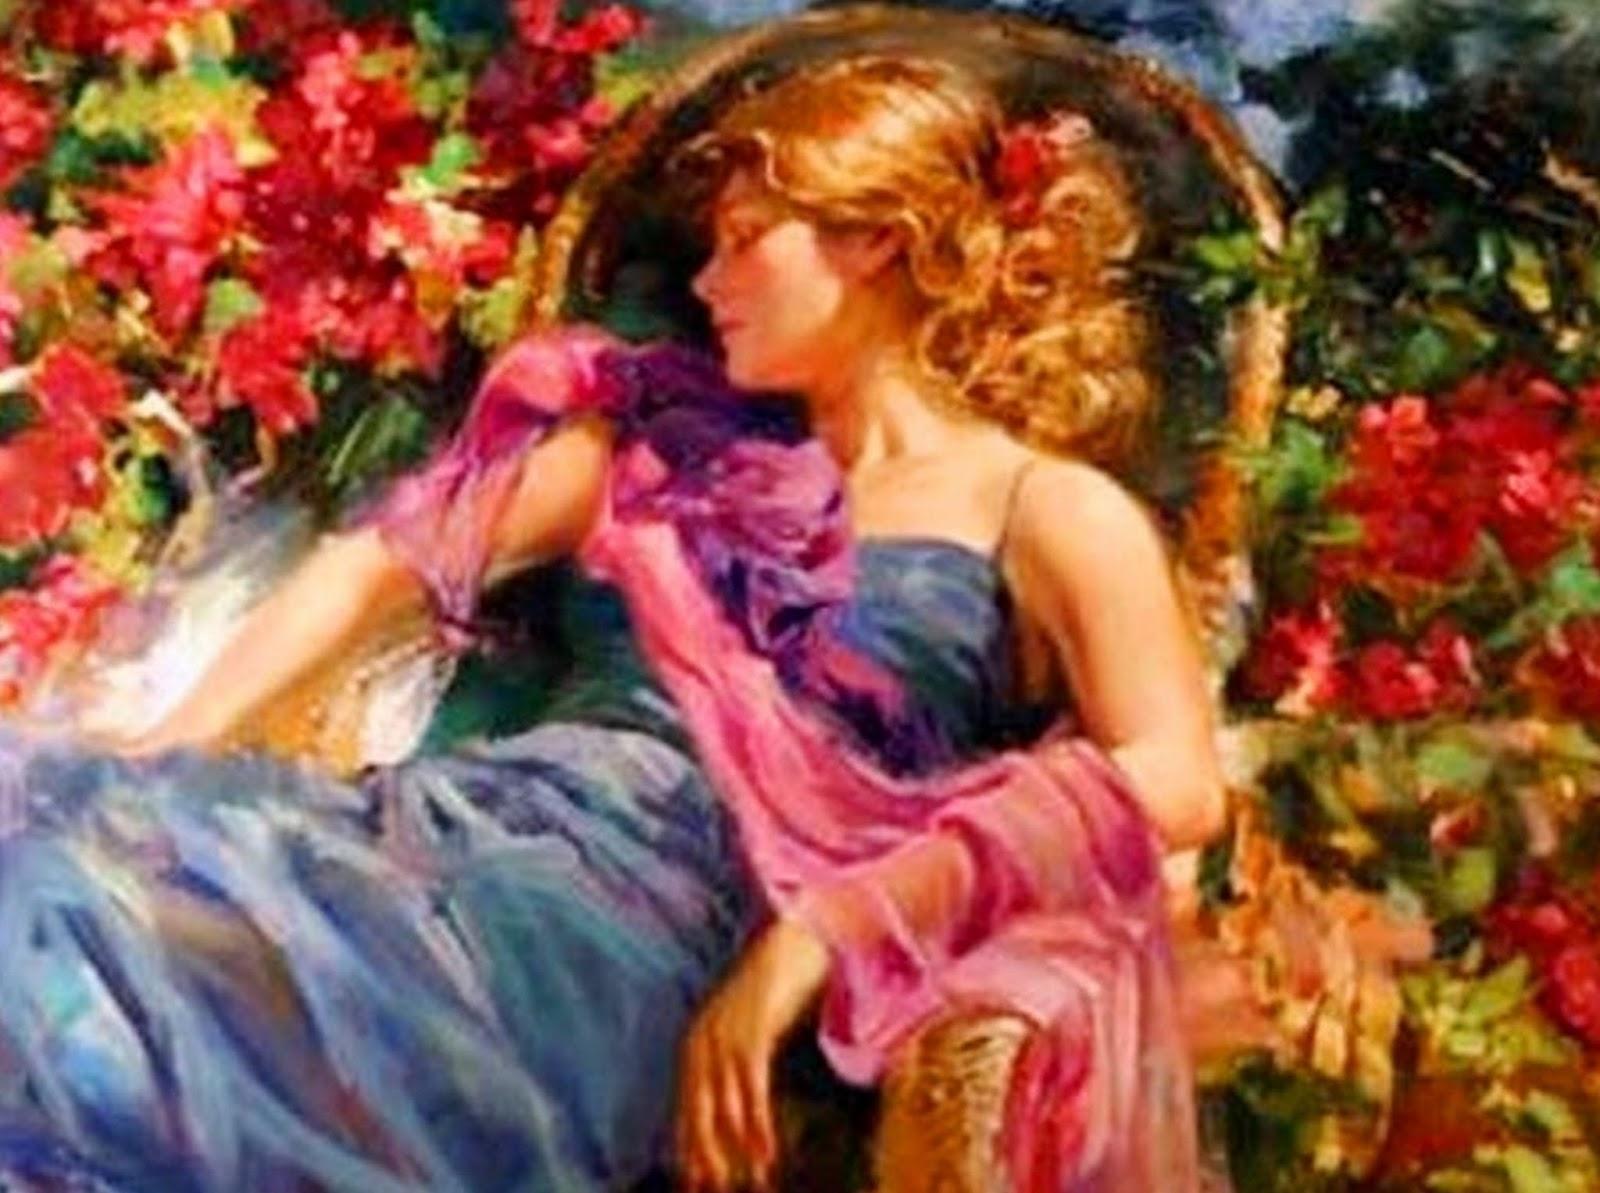 Imagenes De Cuadros De Mujeres Con Flores - Artistas pintores Pintura y Artistas